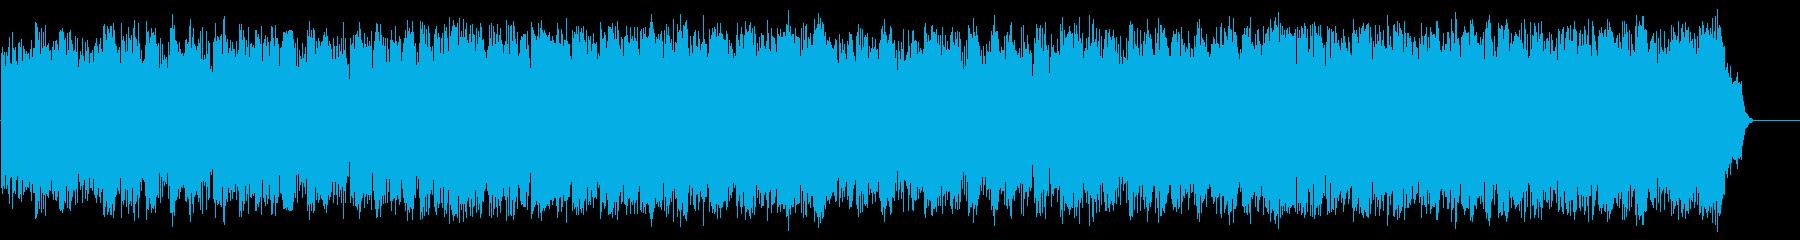 優しいポップフュージョン(フルサイズ)の再生済みの波形